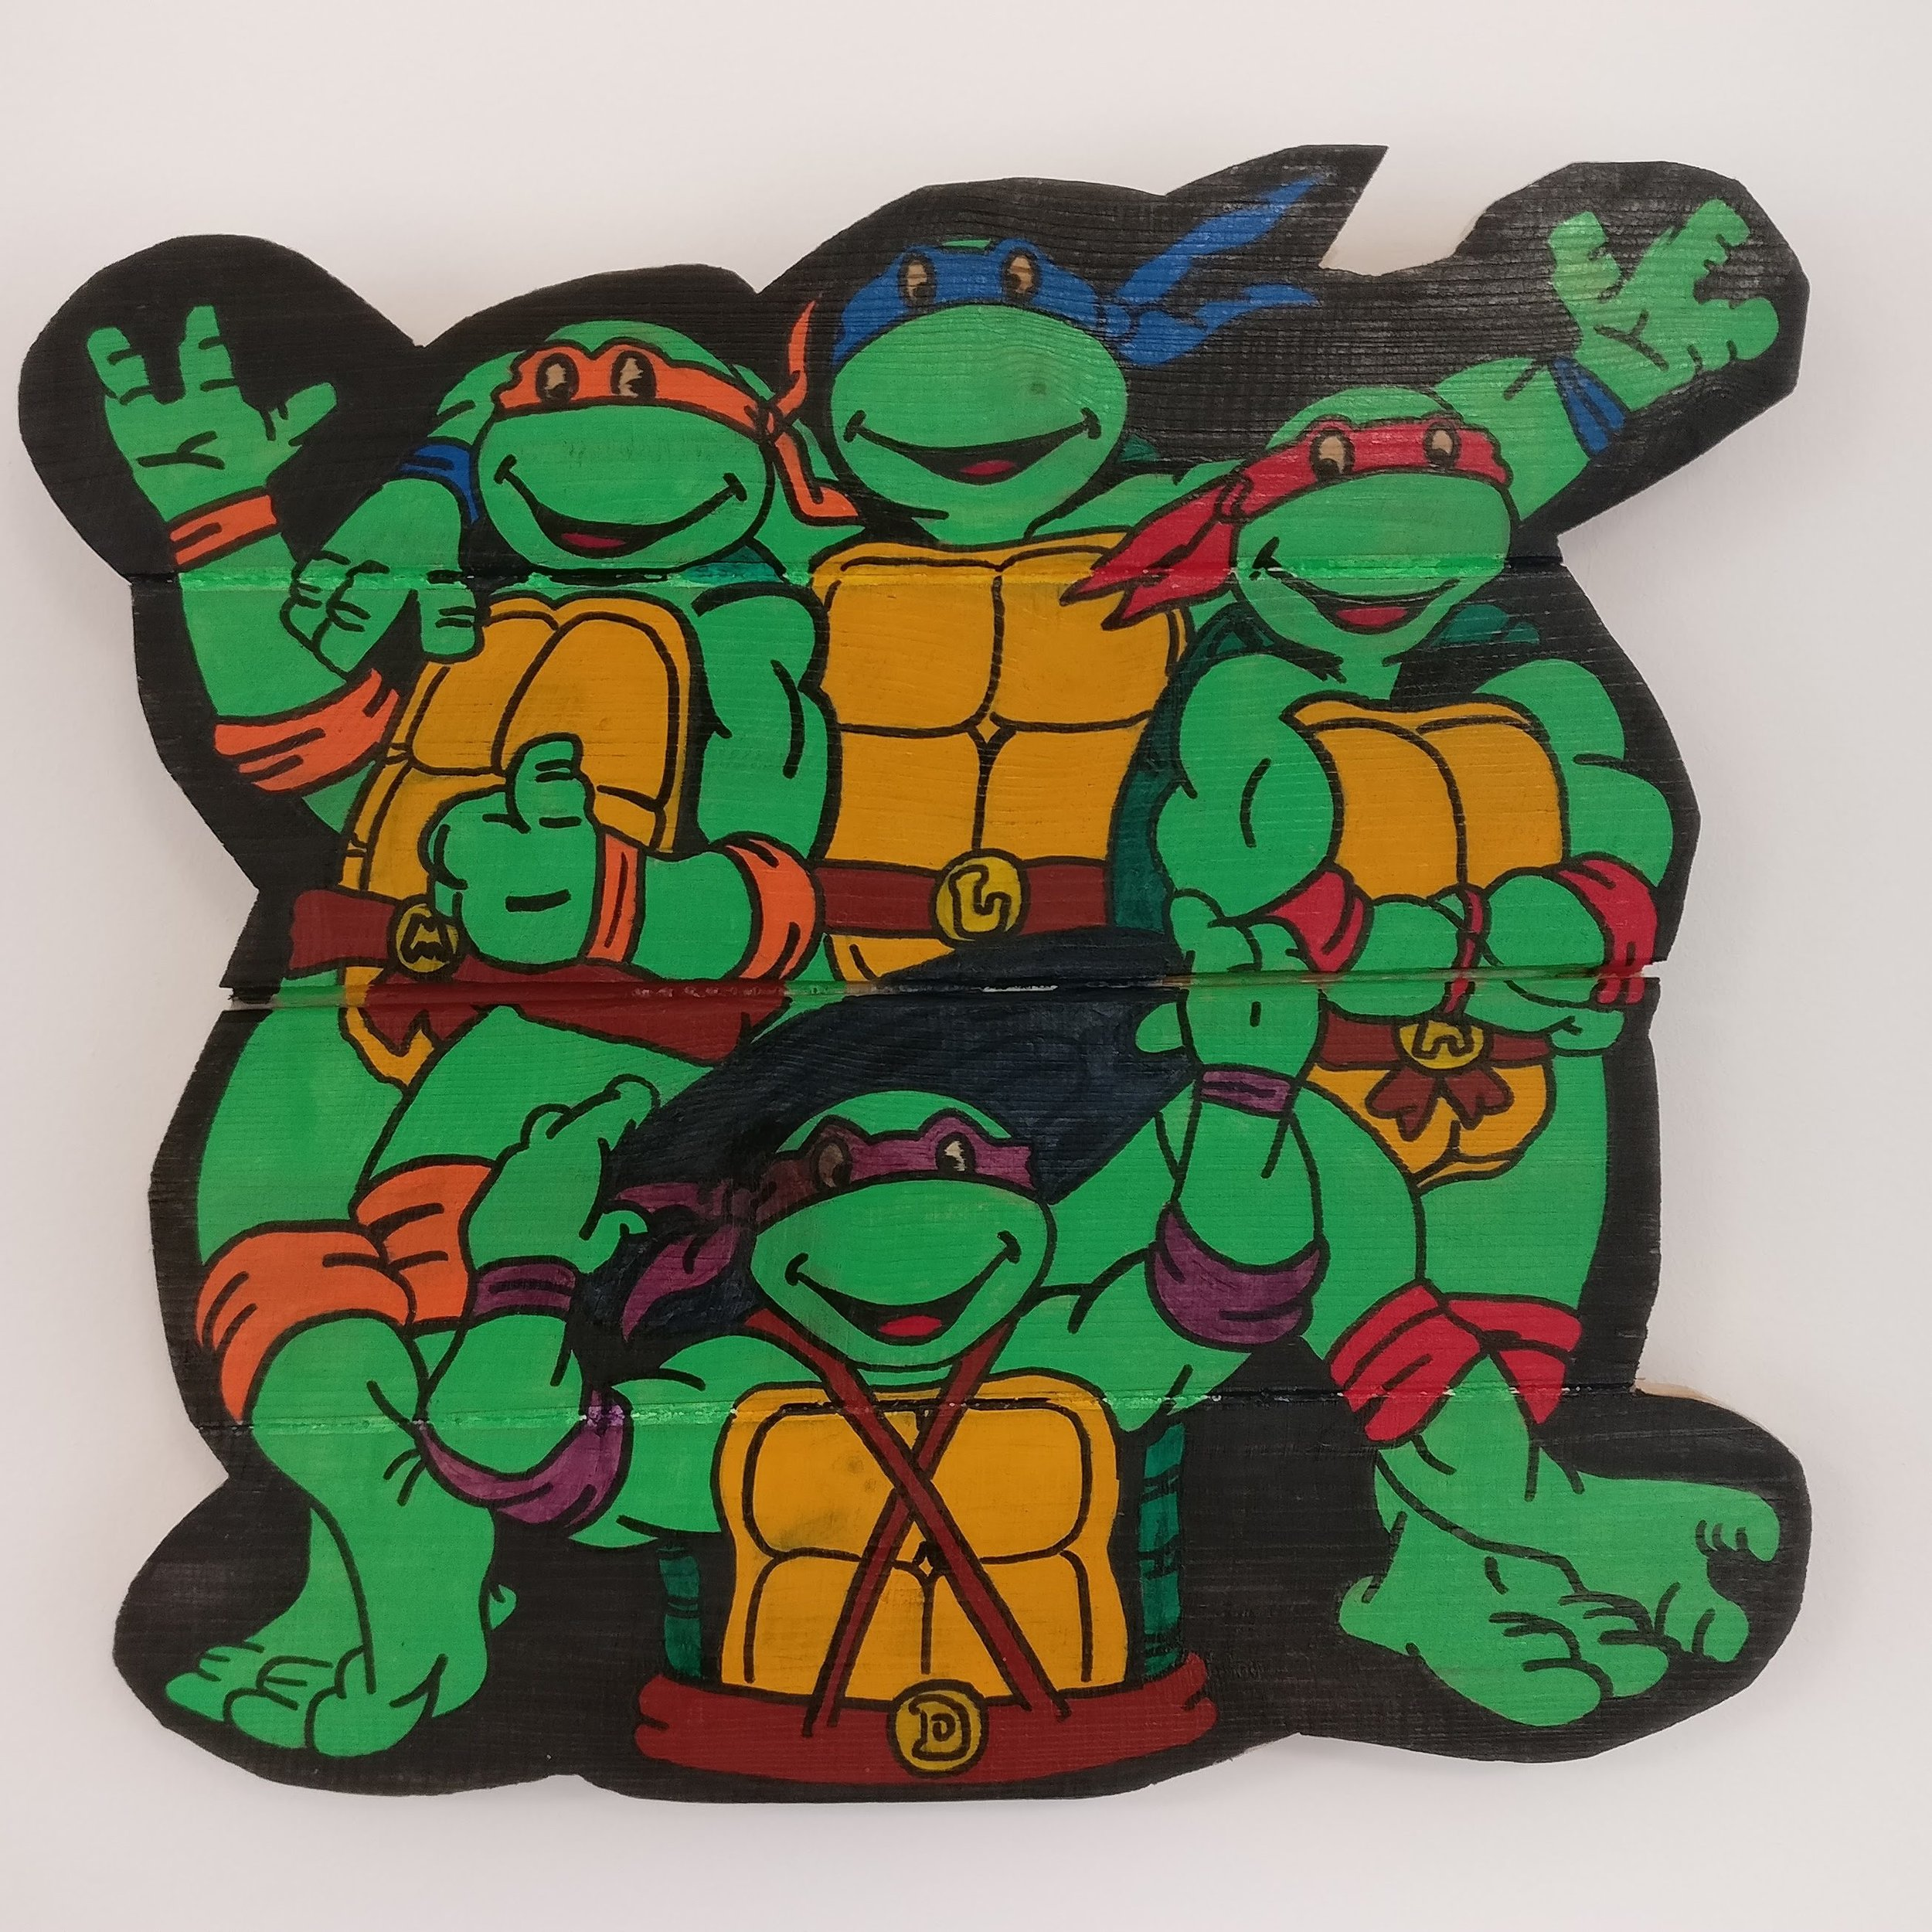 Teenage Mutant Ninja Turtles Painted Wall Hanging